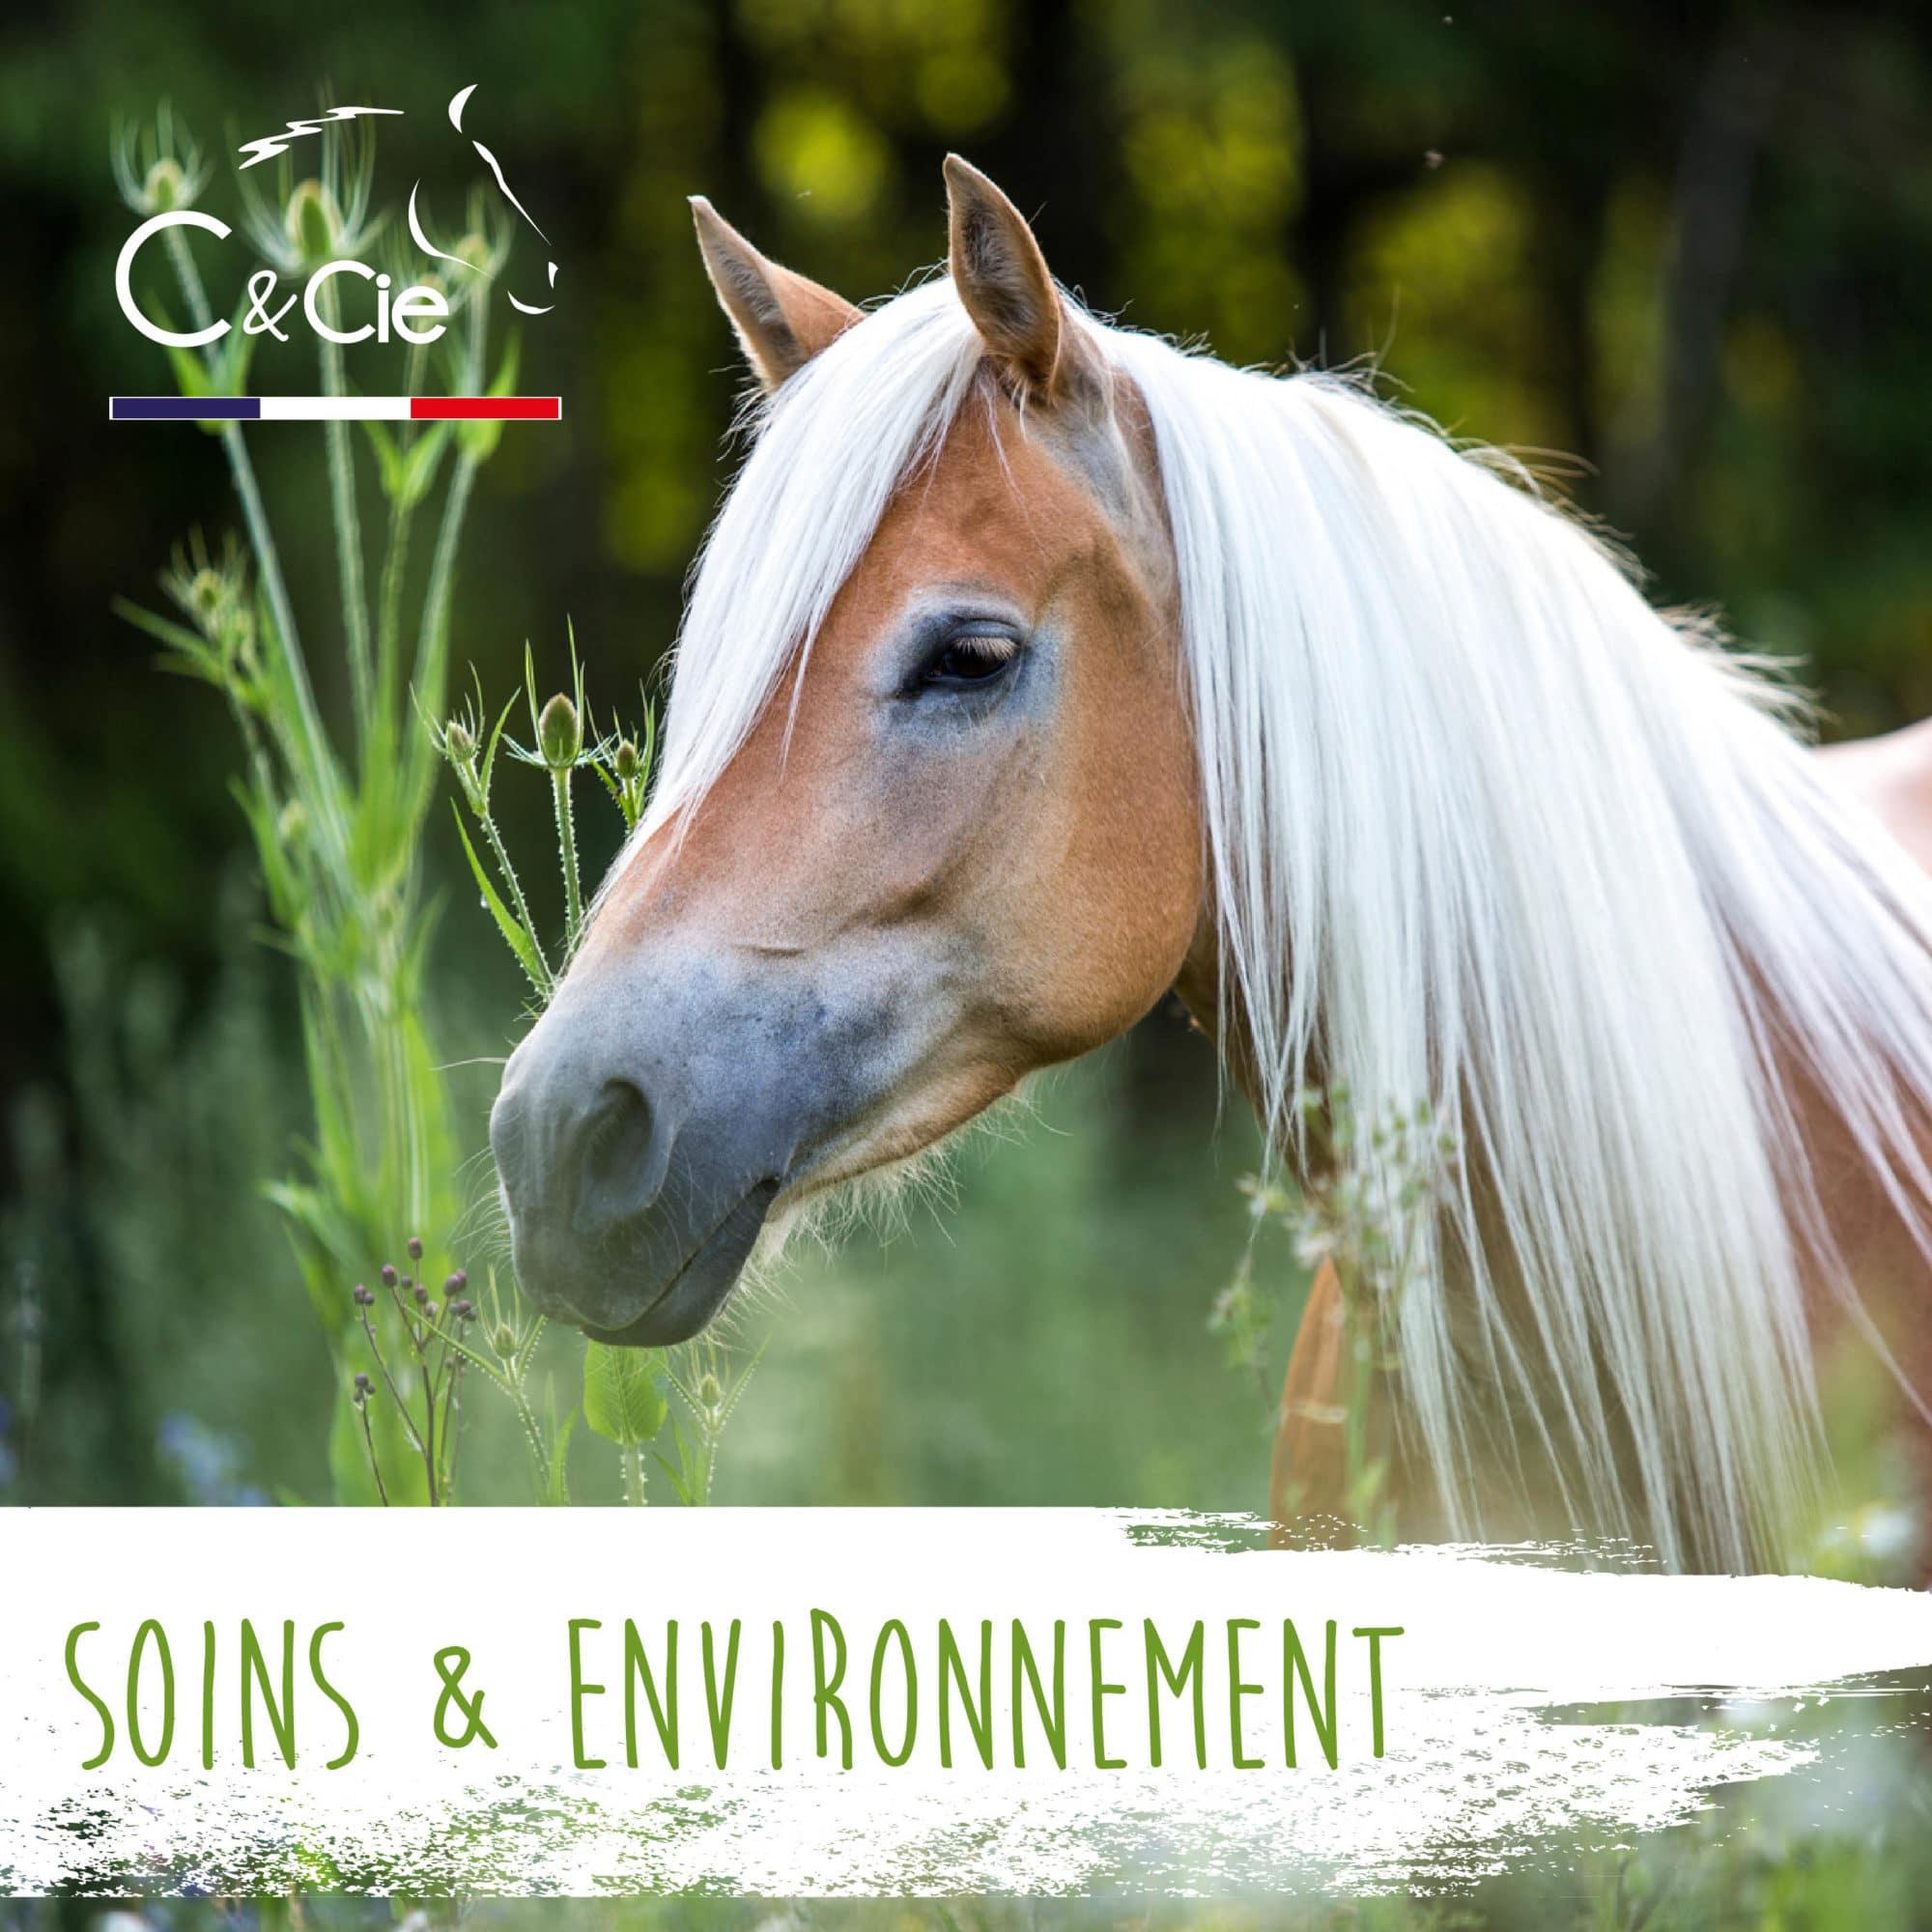 Répulsif anti mouche cheval naturel biodégradable sans risque humain huiles essentielles bio